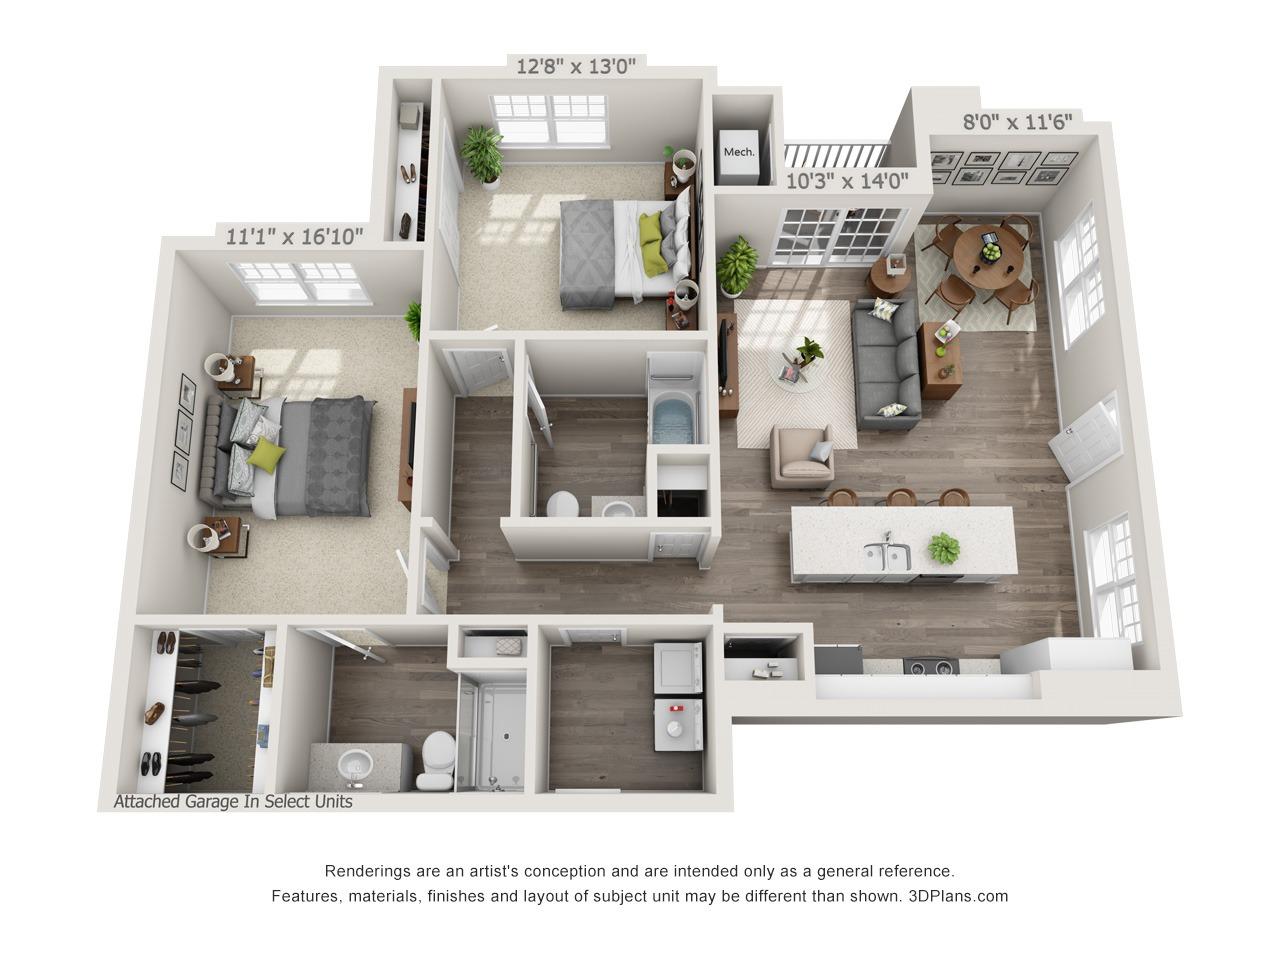 Sage - 2 Bed / 2 Bath with Garage - 1st Floor - 1,201 SF